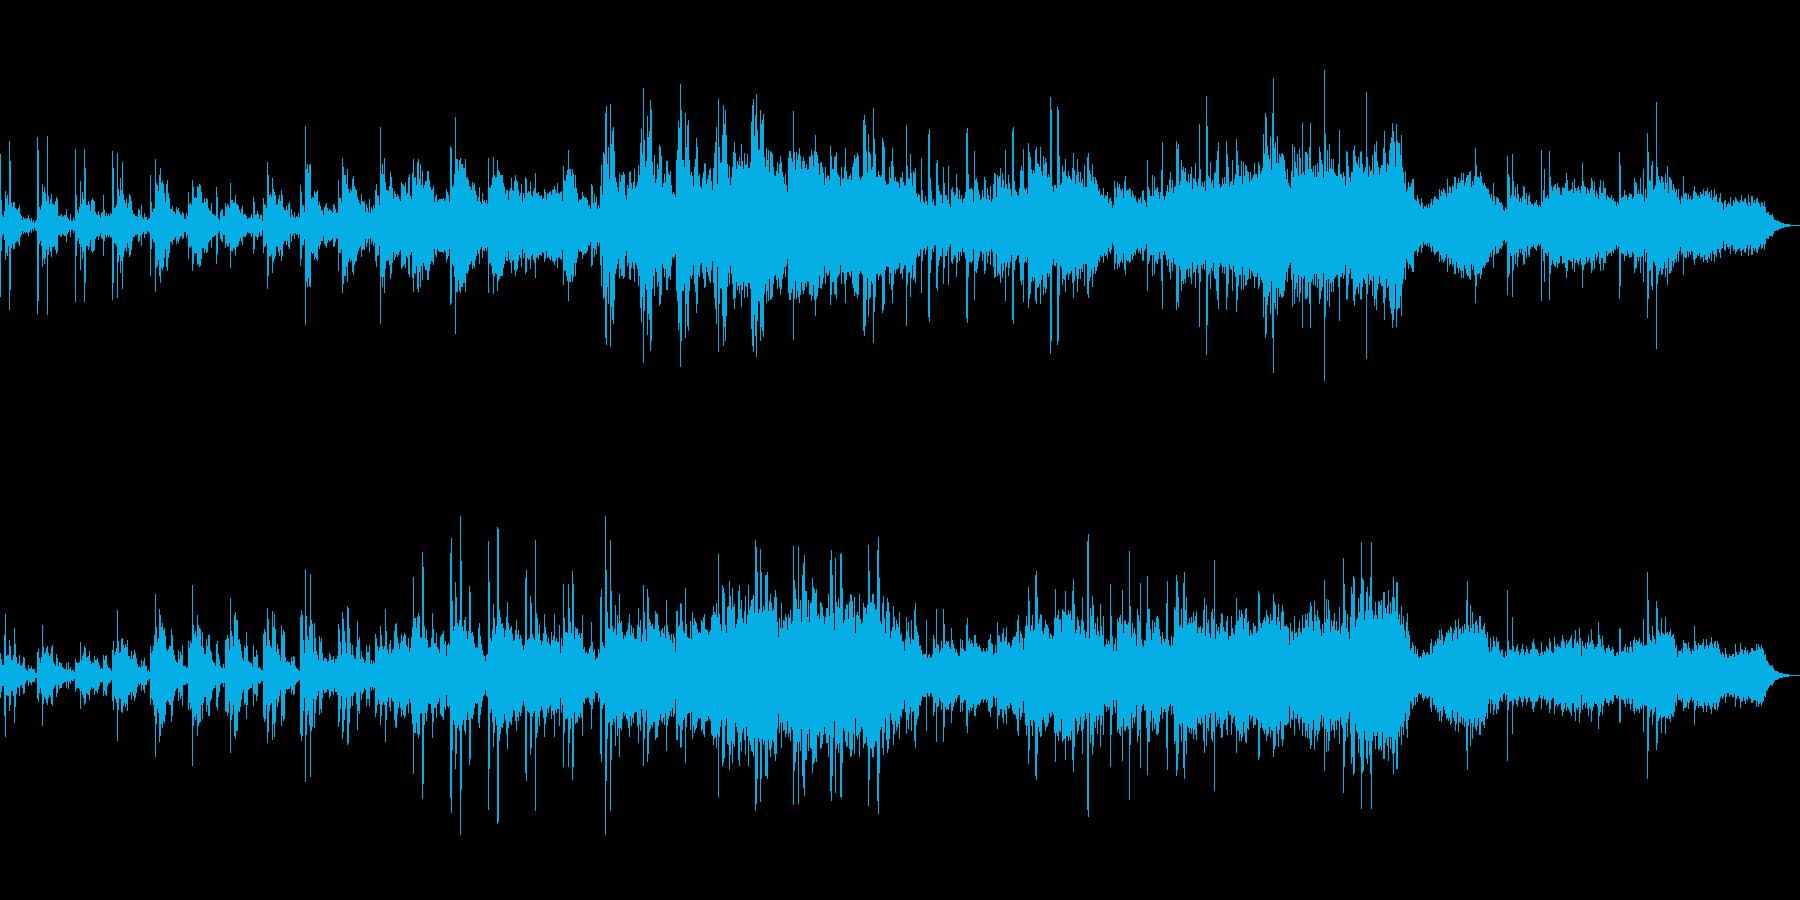 やさしい美しいニューエイジ音楽の再生済みの波形